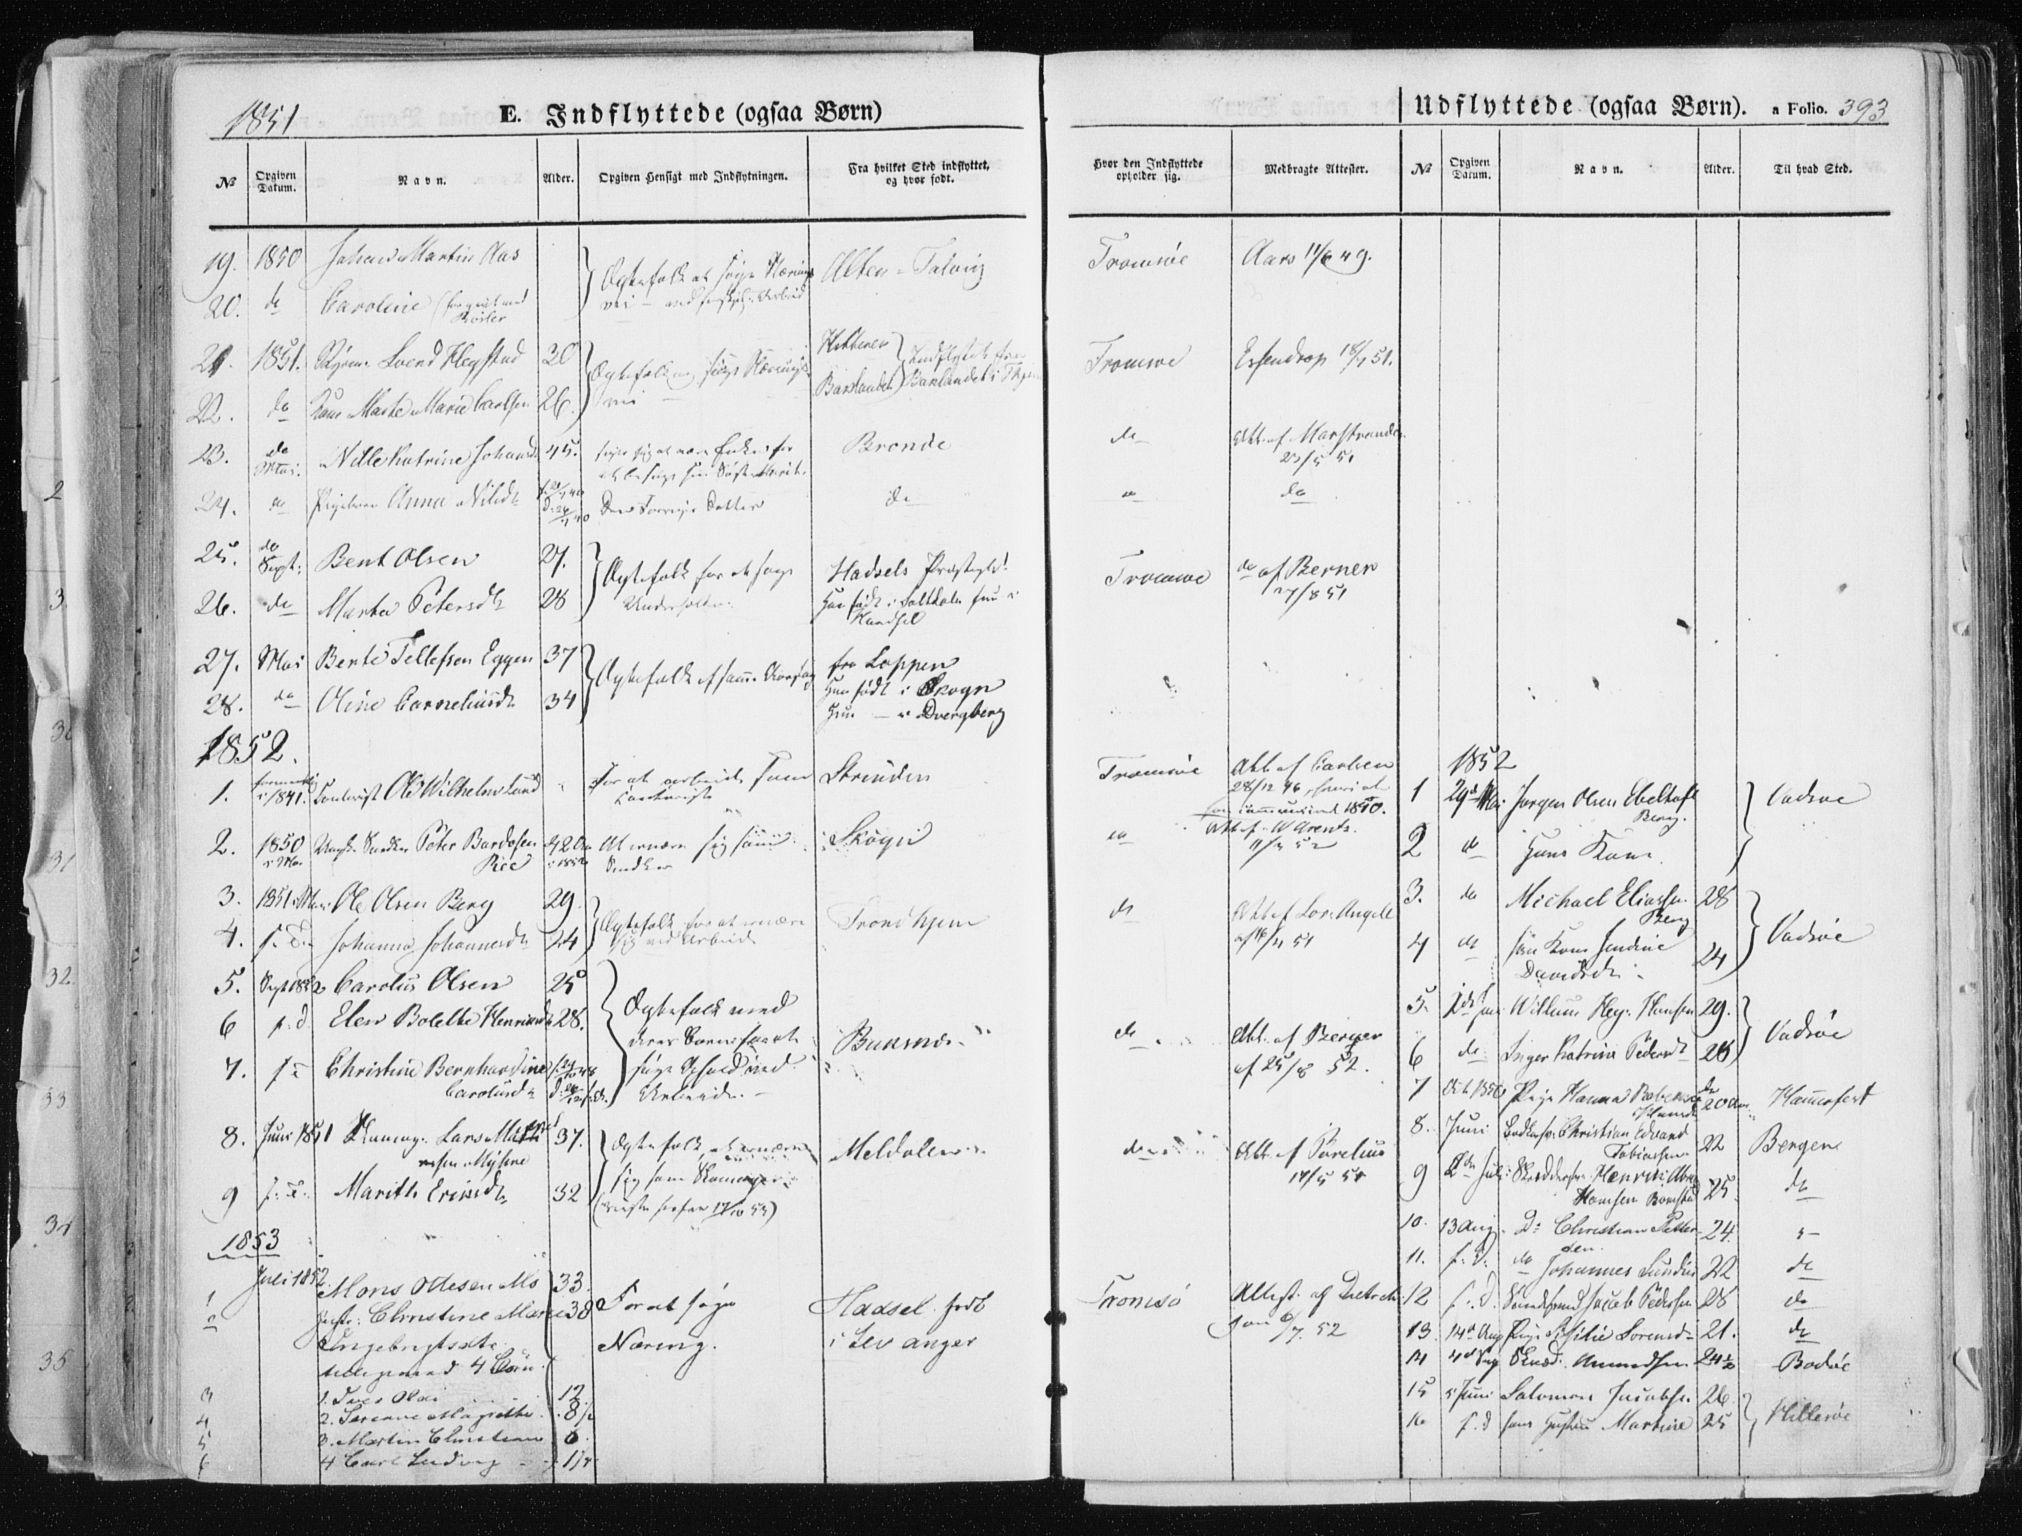 SATØ, Tromsø sokneprestkontor/stiftsprosti/domprosti, G/Ga/L0010kirke: Ministerialbok nr. 10, 1848-1855, s. 393